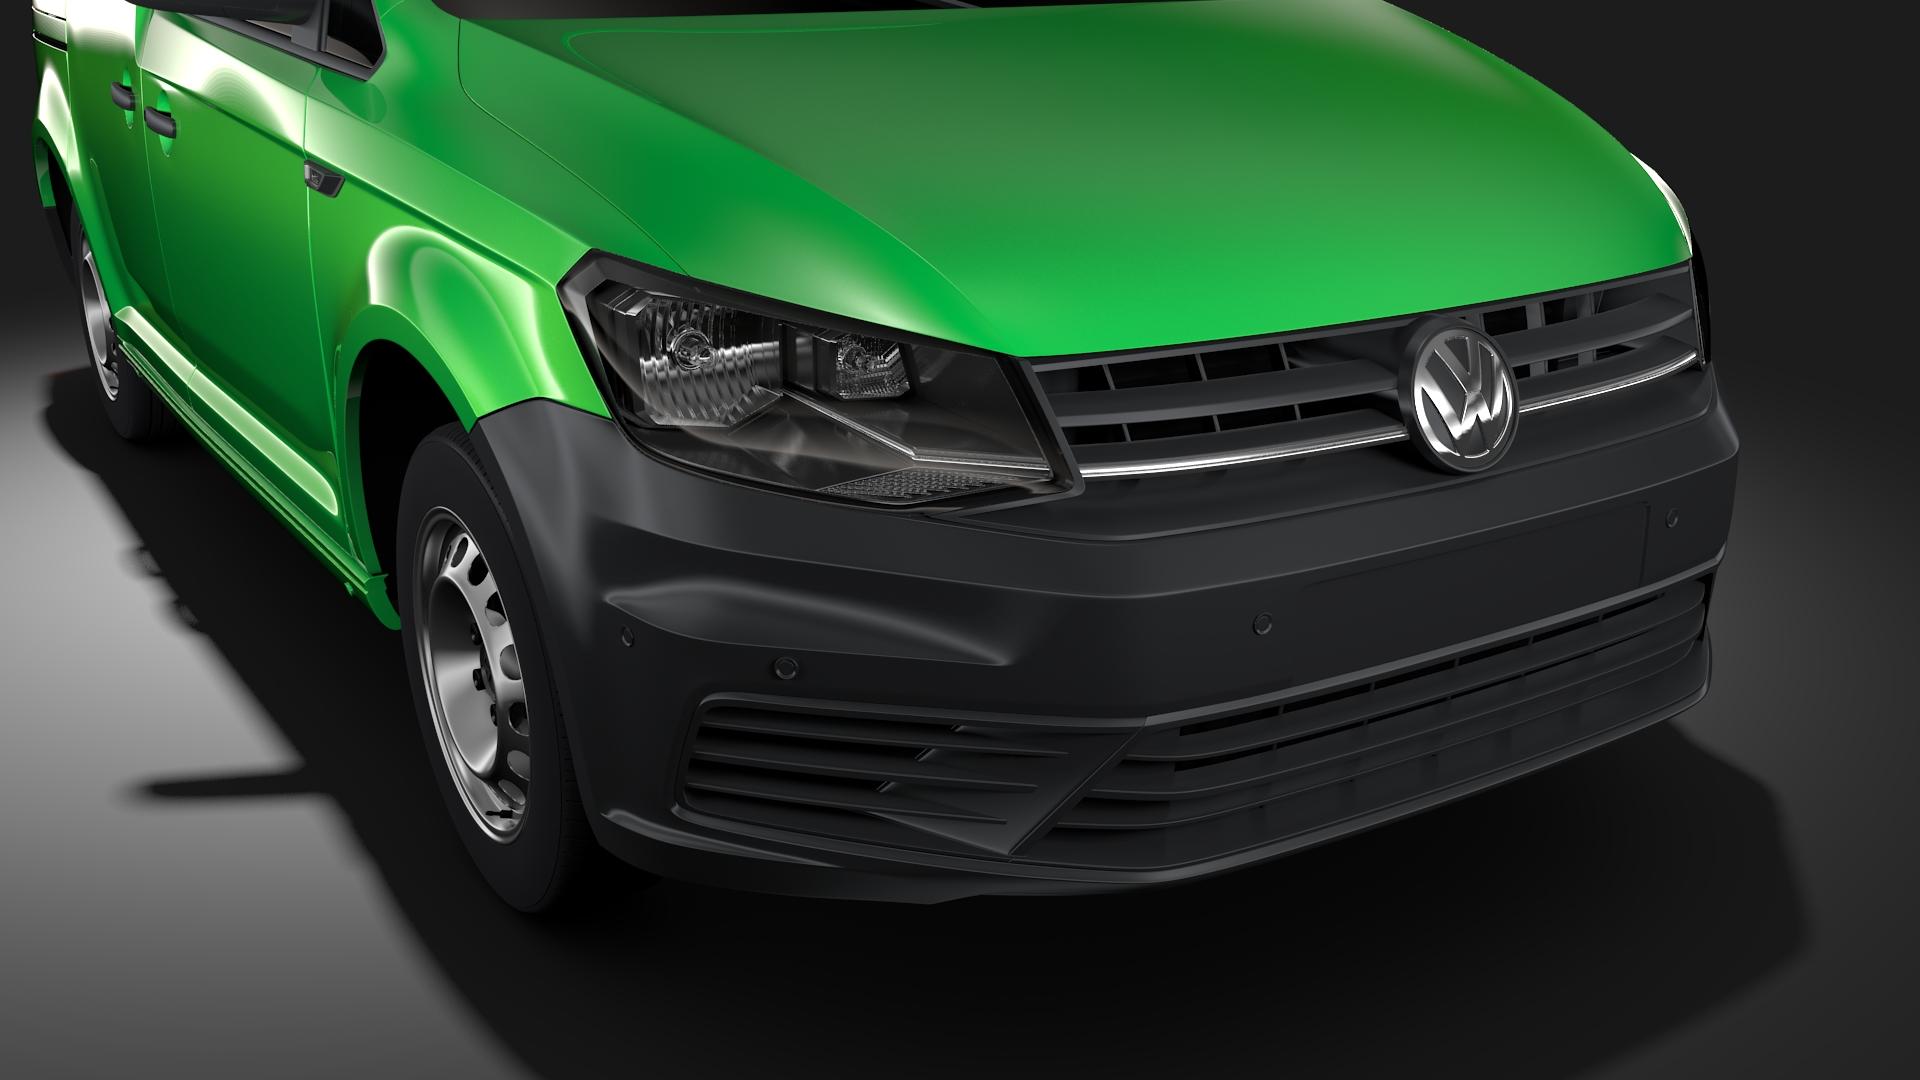 volkswagen caddy panel van l1 2017 3d model max fbx c4d lwo ma mb hrc xsi obj 274401